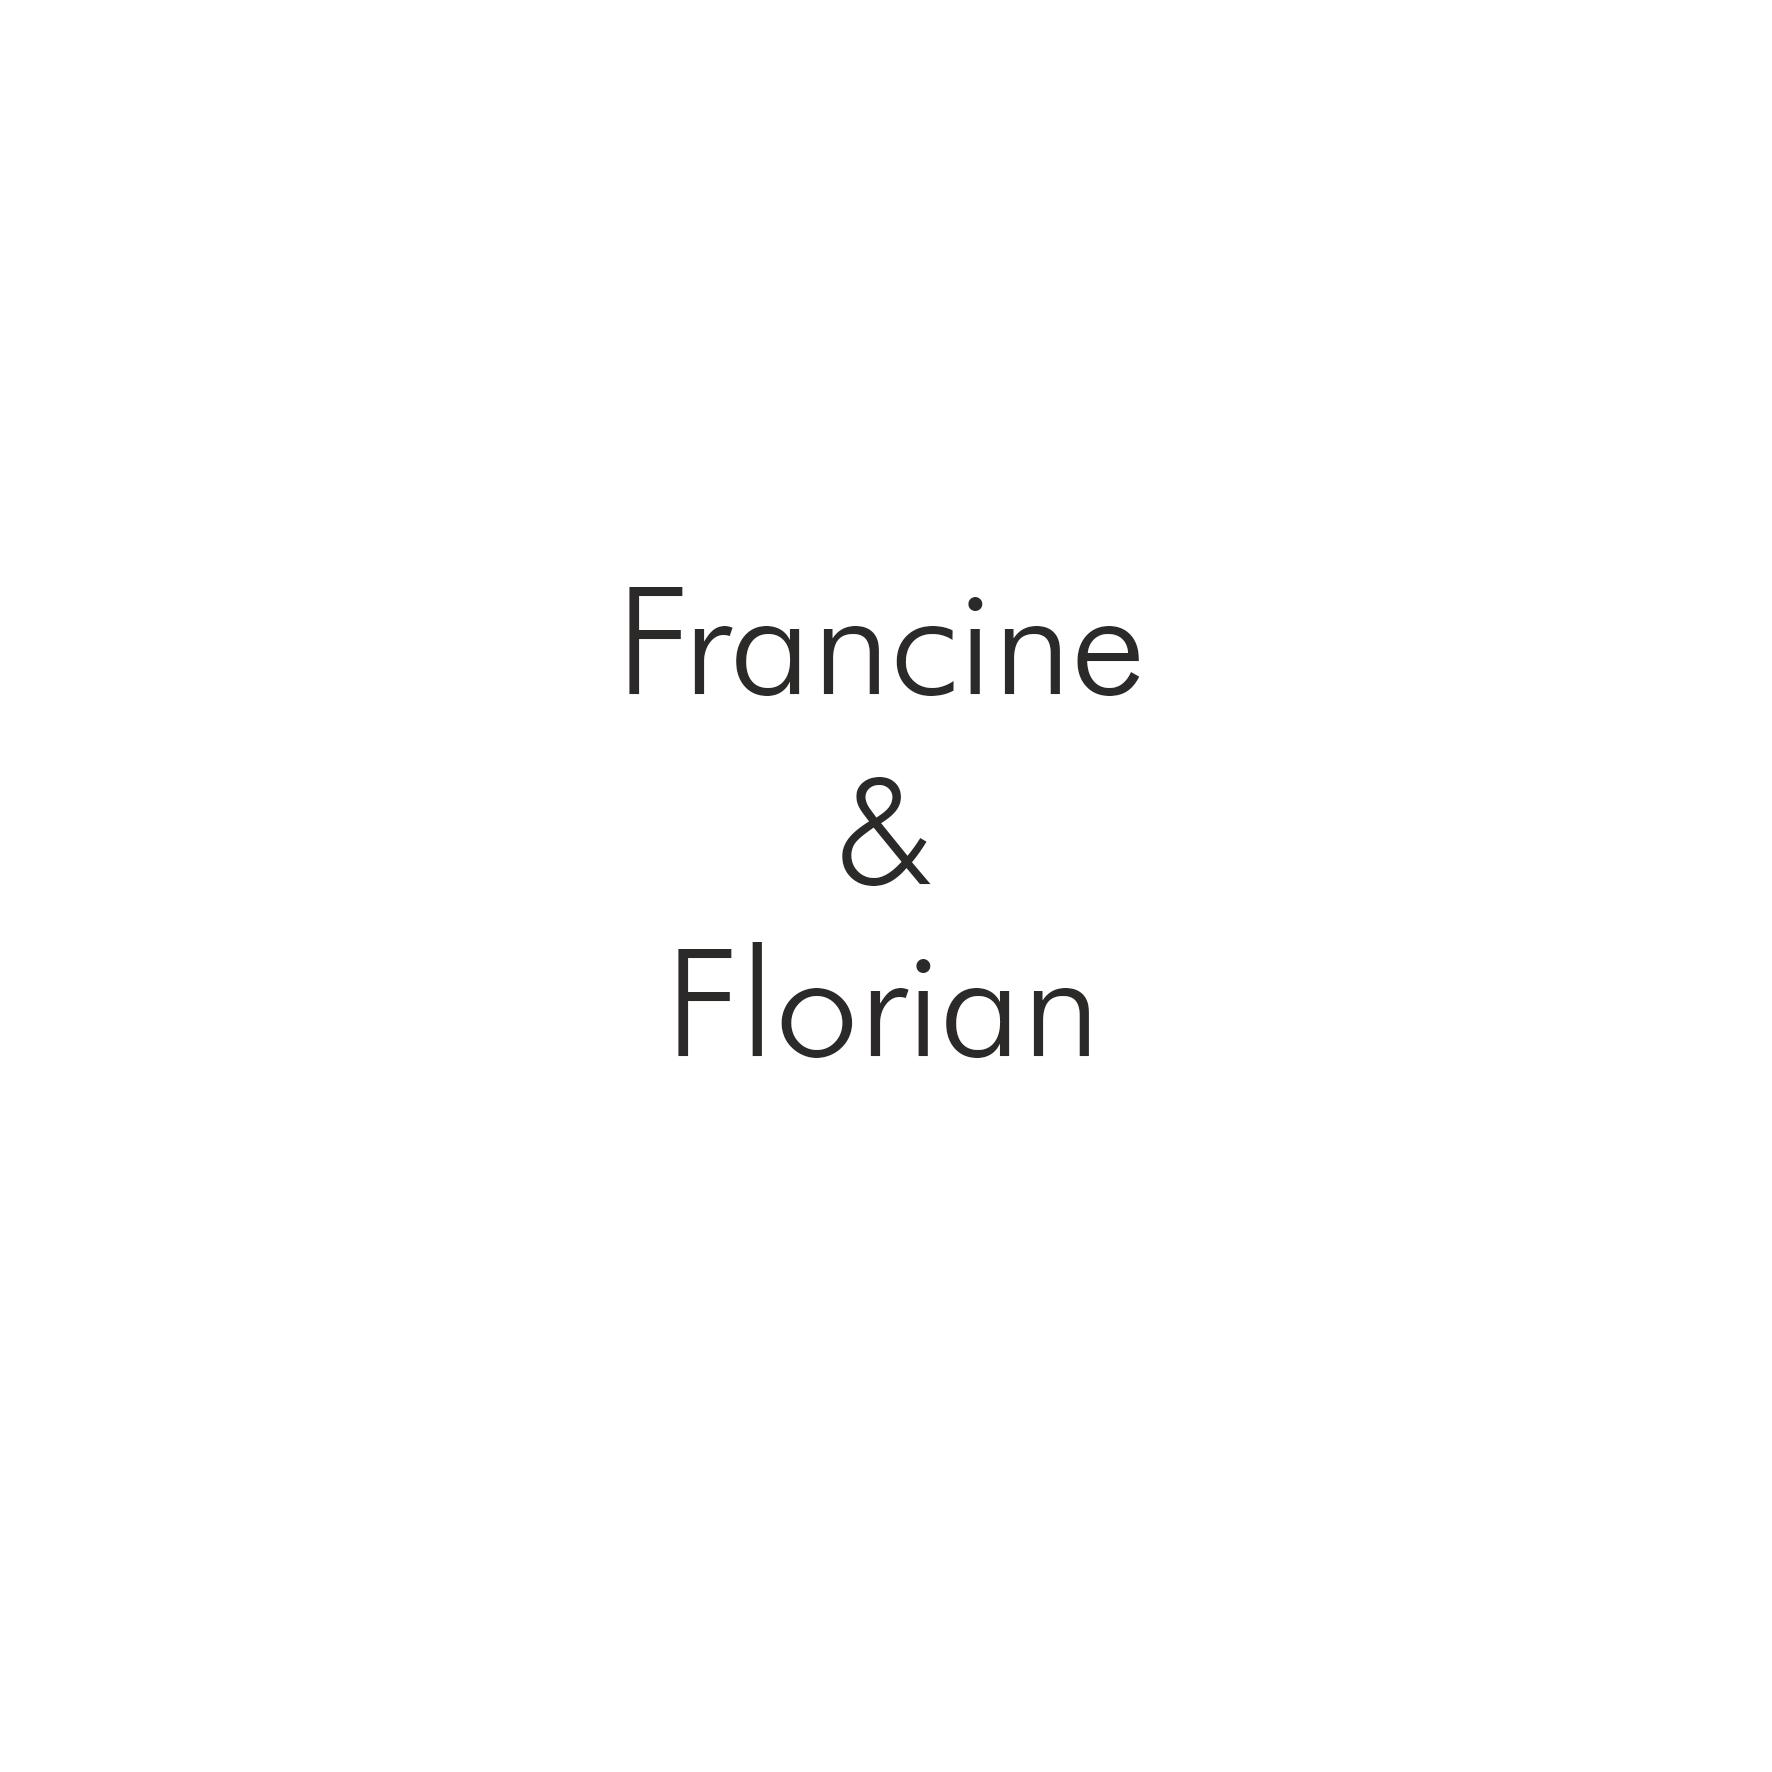 Francine & Florian.png